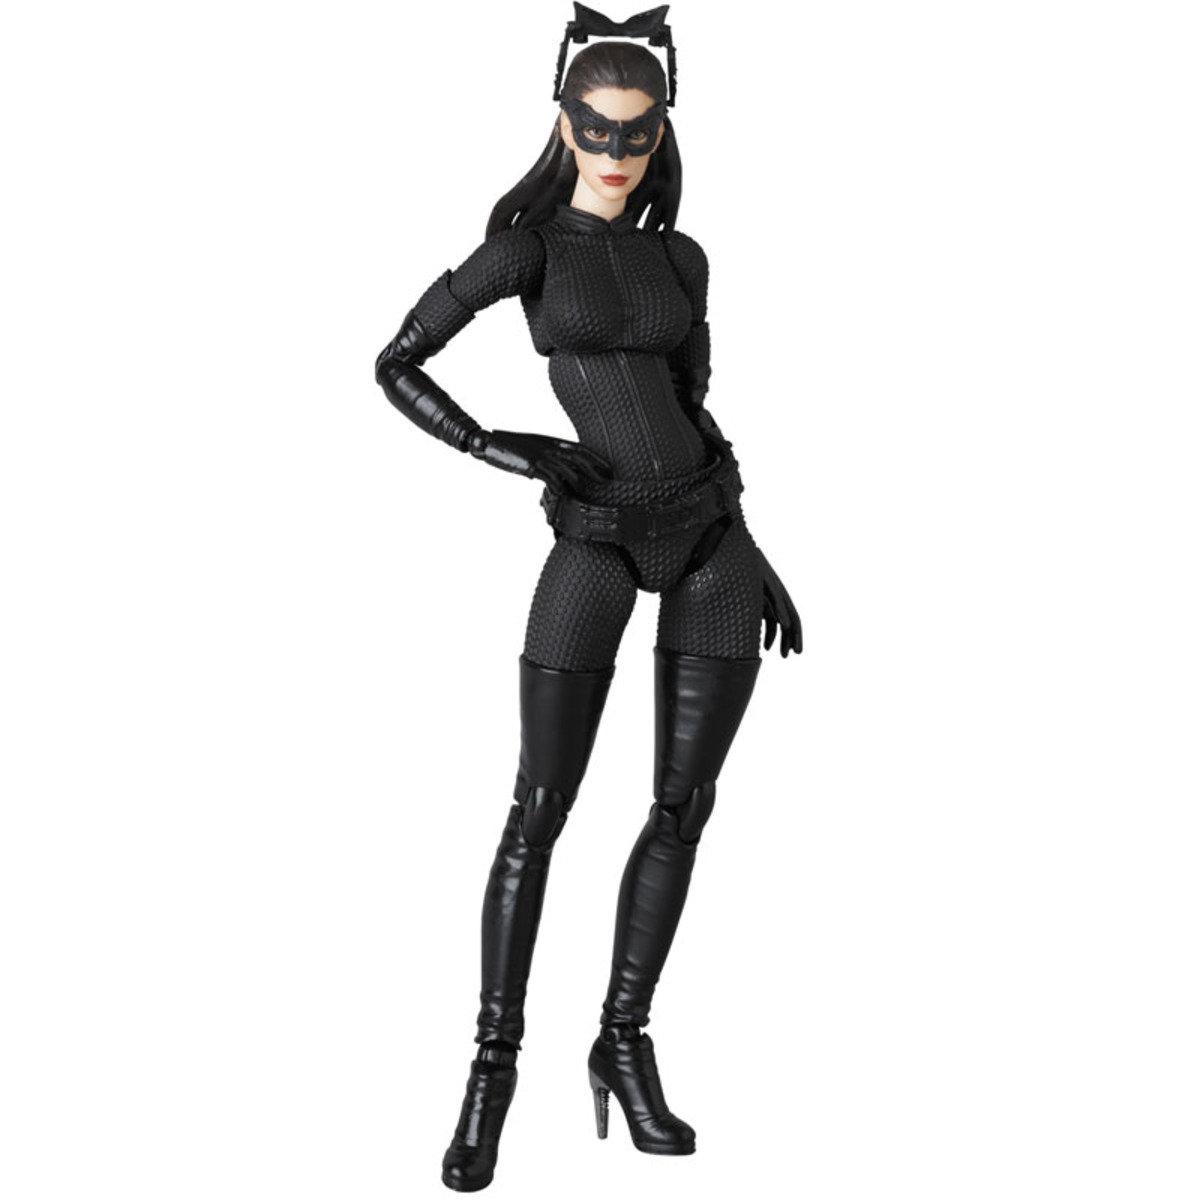 蝙蝠侠: 黑夜之神 Mafex 系列 009 貓女 Selina Kyle 瑟琳娜‧凱爾